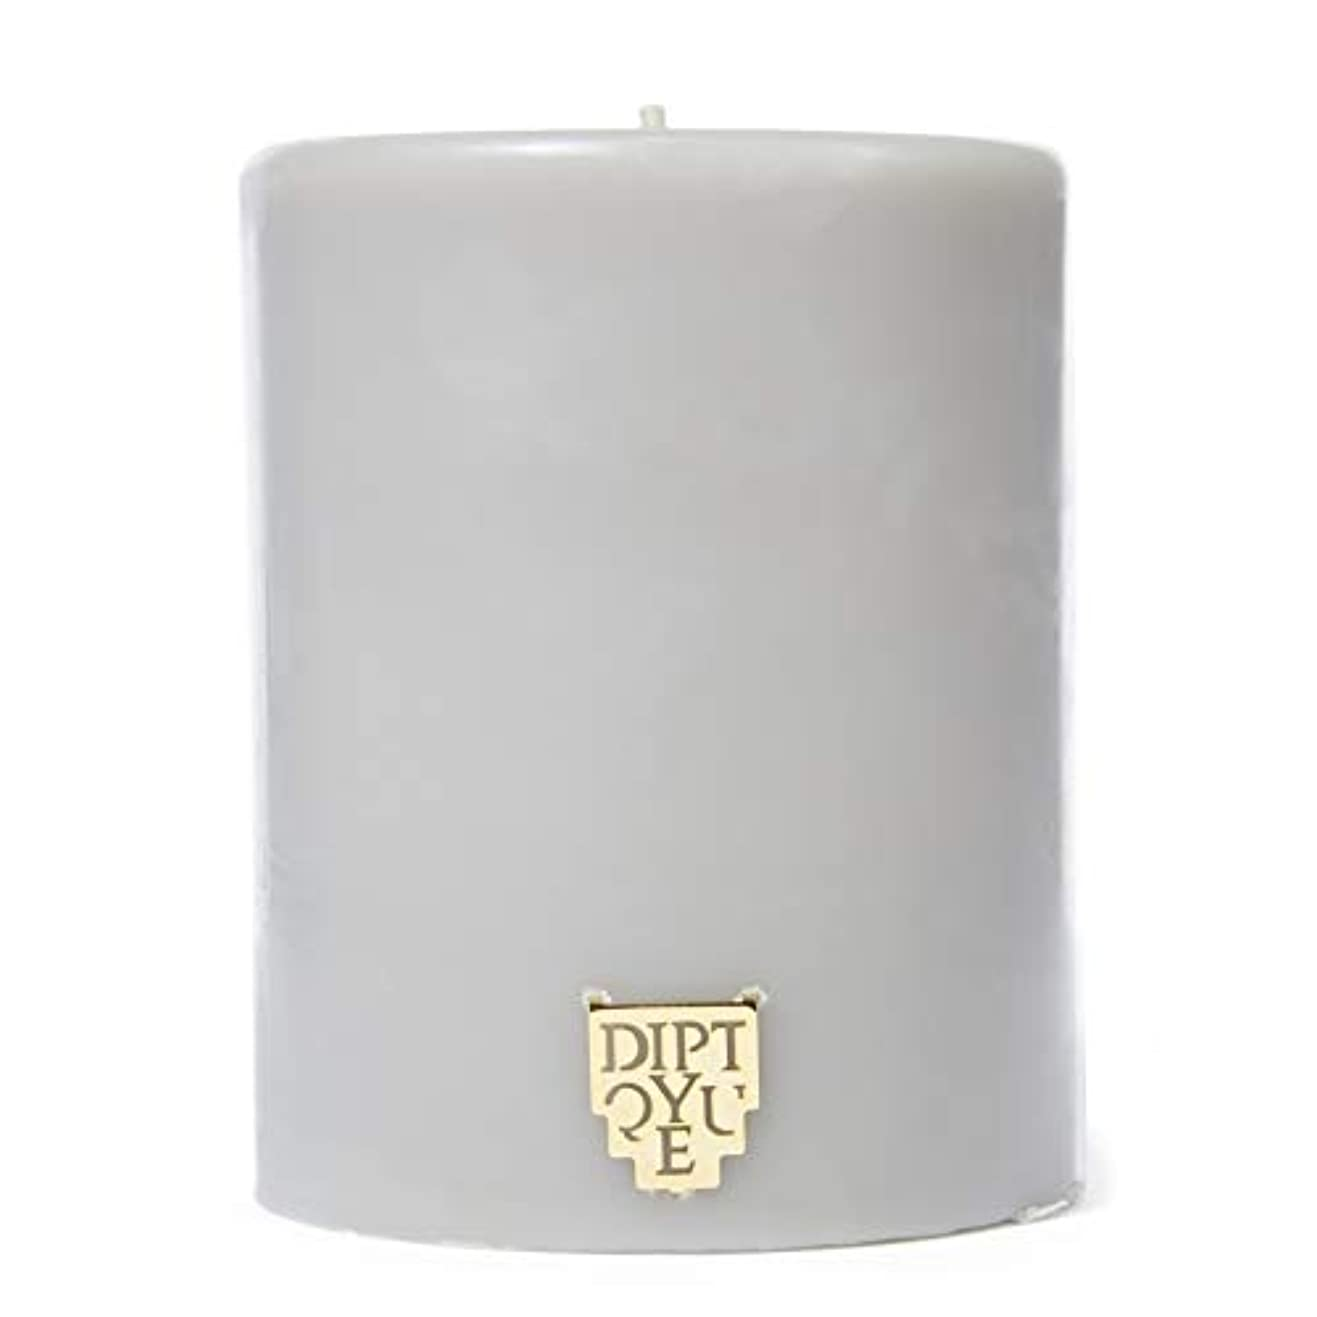 広がり保存する簡潔な[Diptyque] DiptyqueのFeuデボワピラーキャンドル450グラム - Diptyque Feu De Bois Pillar Candle 450g [並行輸入品]